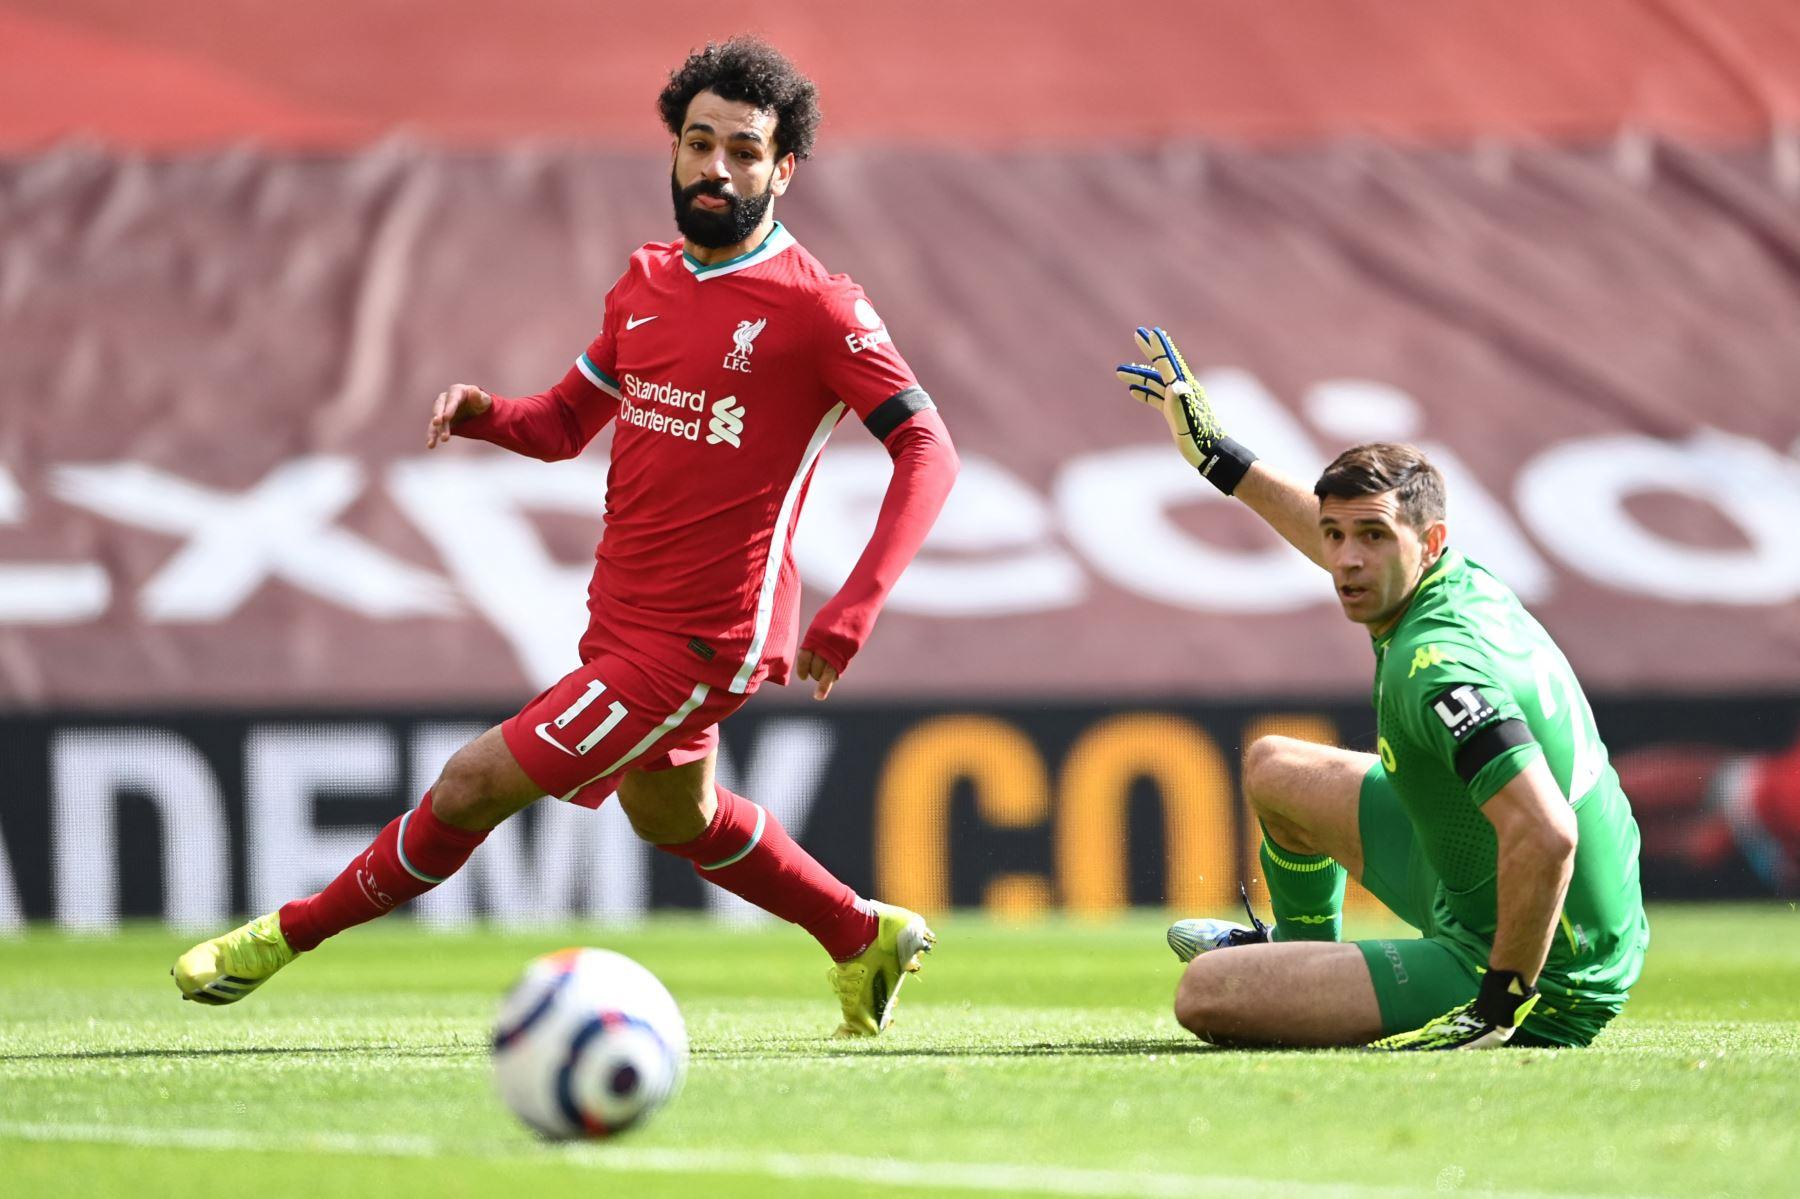 El mediocampista egipcio del Liverpool Mohamed Salah pierde una oportunidad de gol más allá del portero argentino de Aston Villa, Emiliano Martinez  durante el partido de fútbol de la Premier League inglesa entre Liverpool y Aston Villa. Foto: AFP